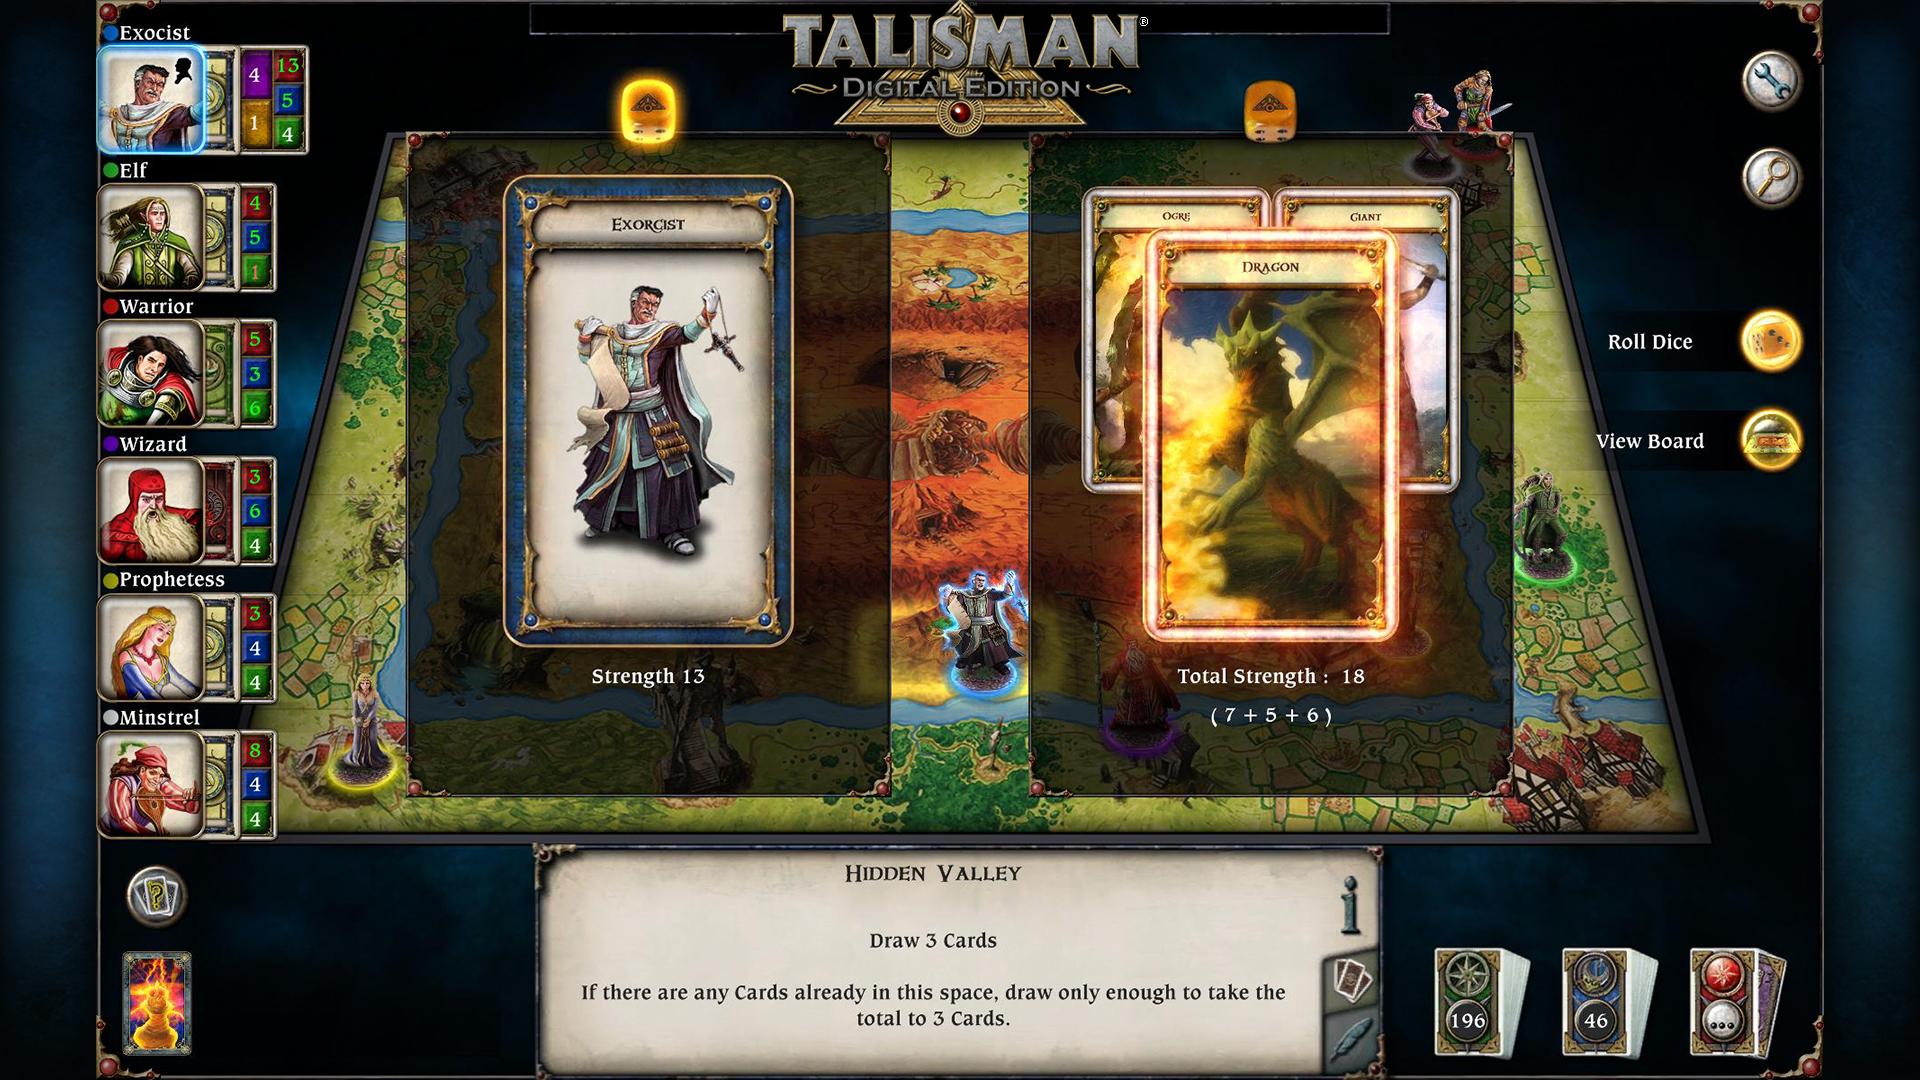 talisman-digital-edition-pc-screenshot-2